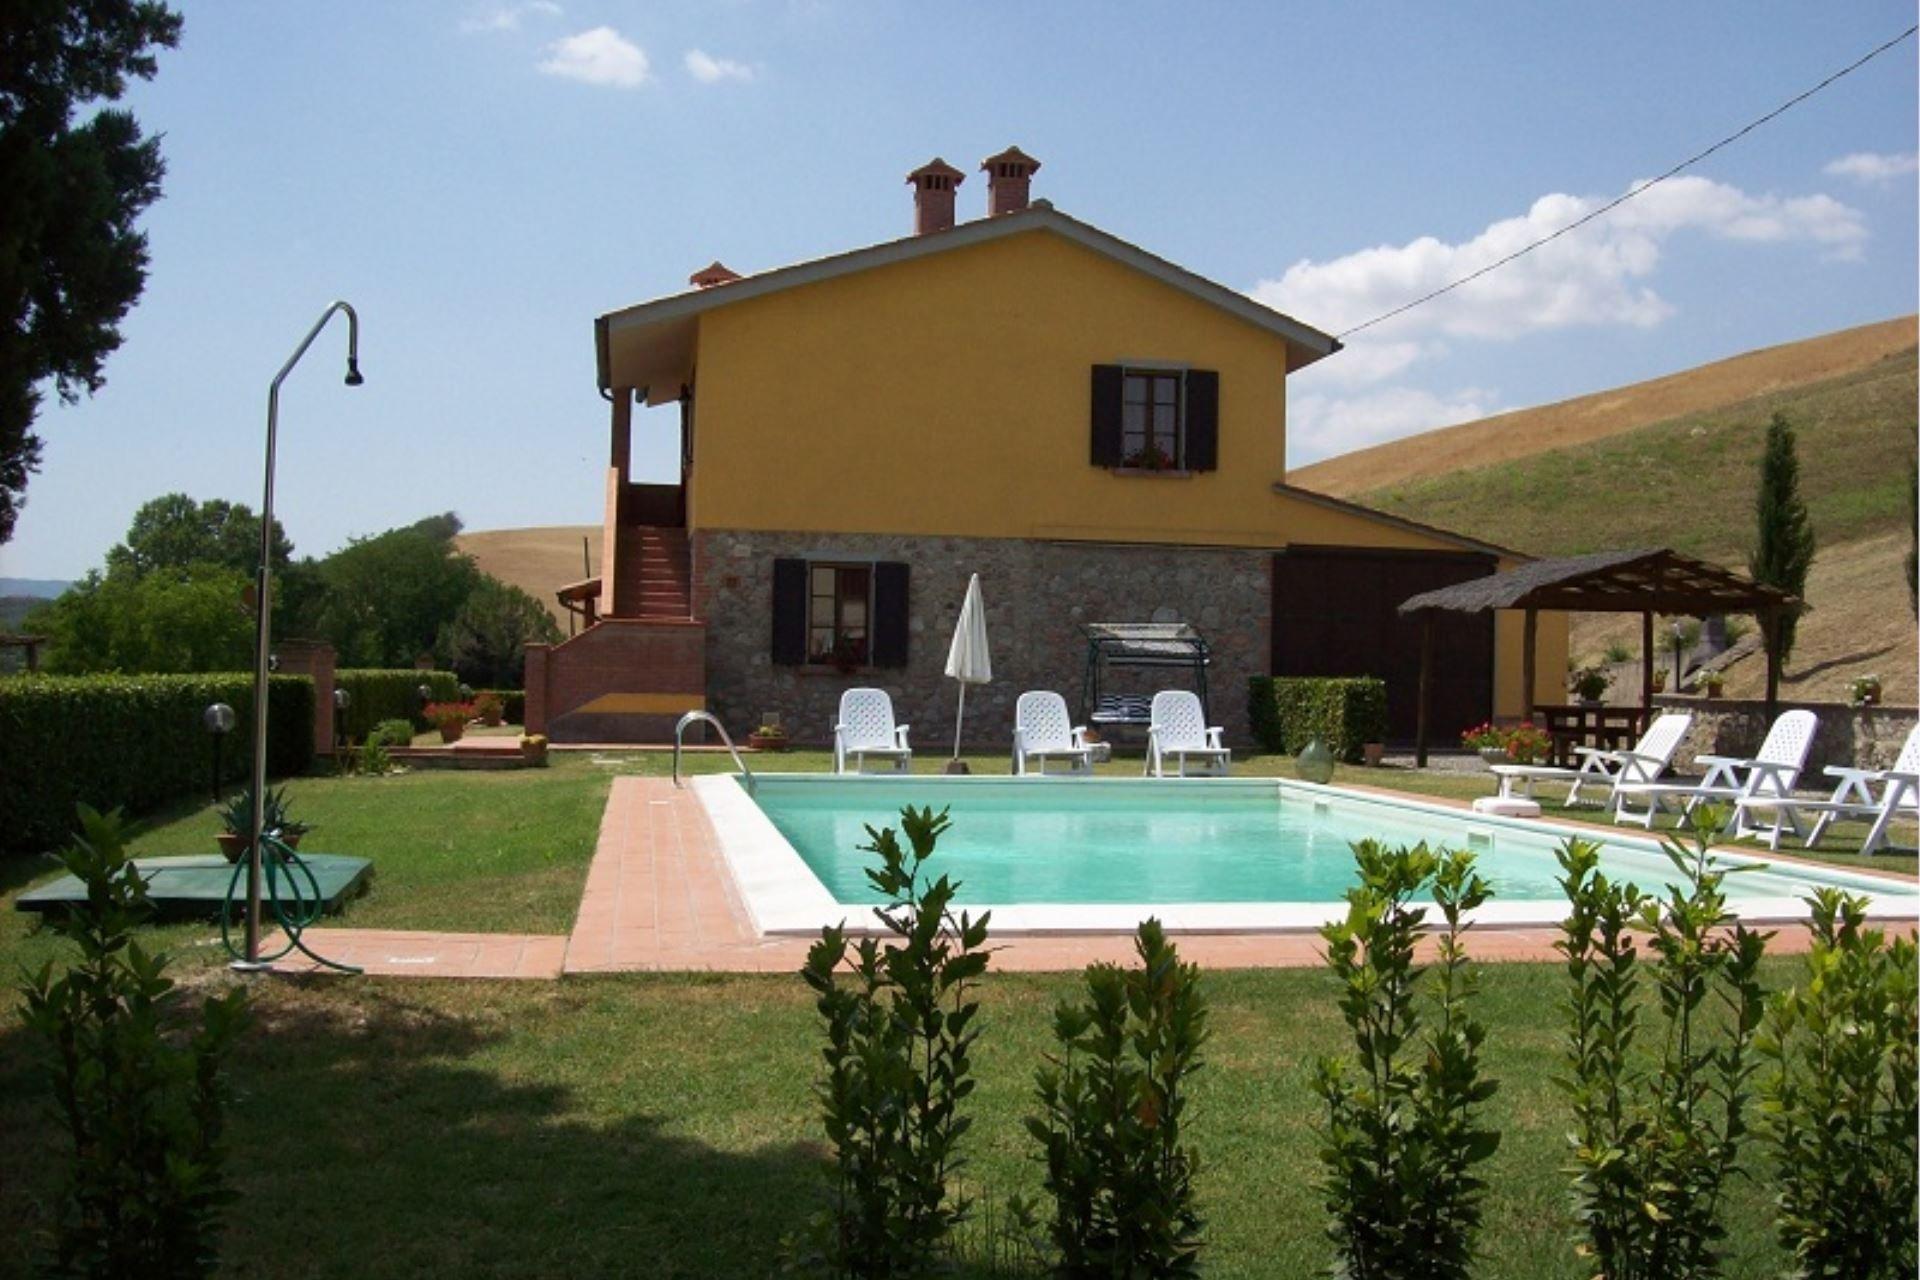 podere bellosguardo - zwembad met huis